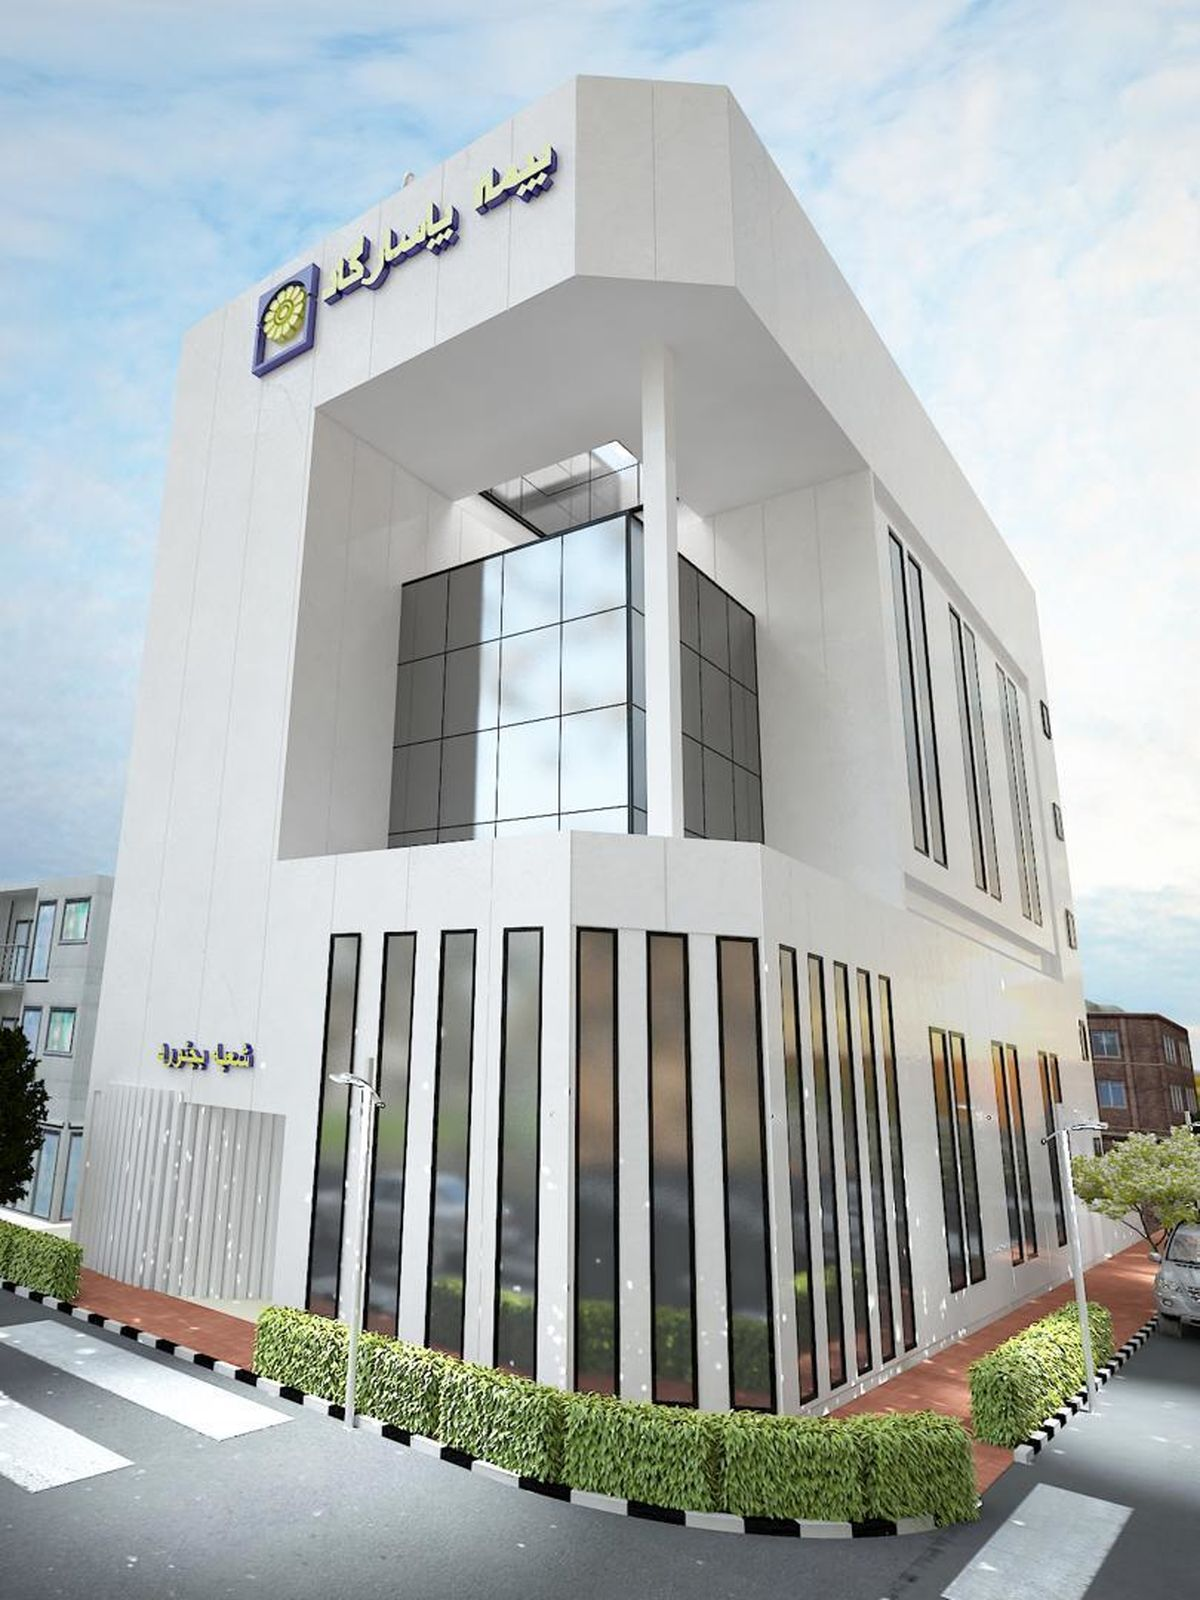 اجرای عملیات احداث ساختمان جدید بیمه پاسارگاد در شهر بجنورد